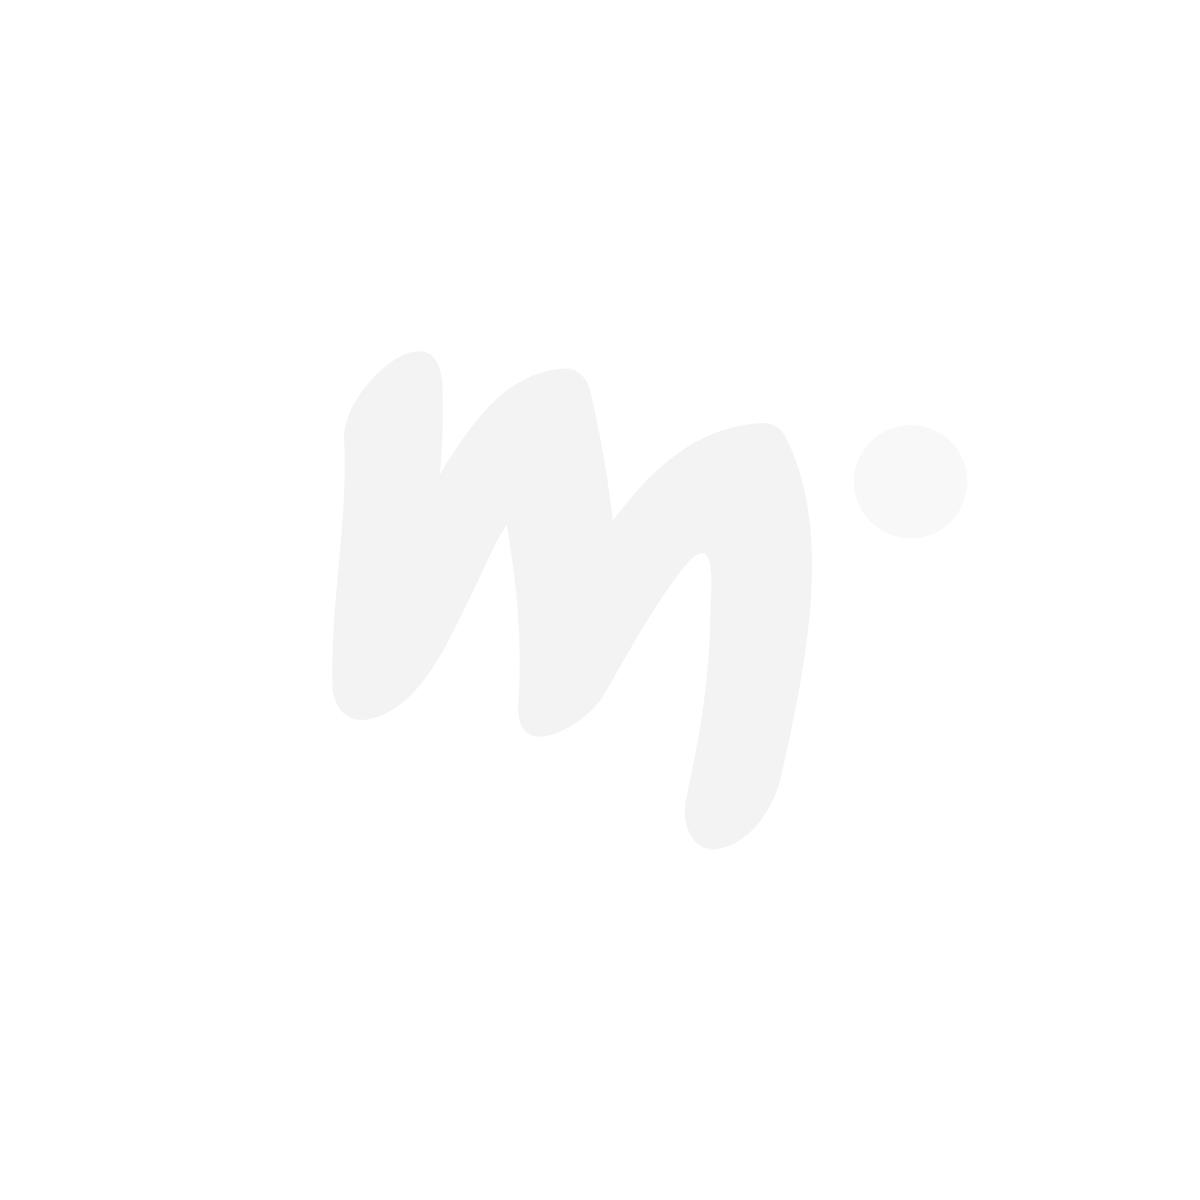 Muumi Moominvalley Purjehdus -astiasto